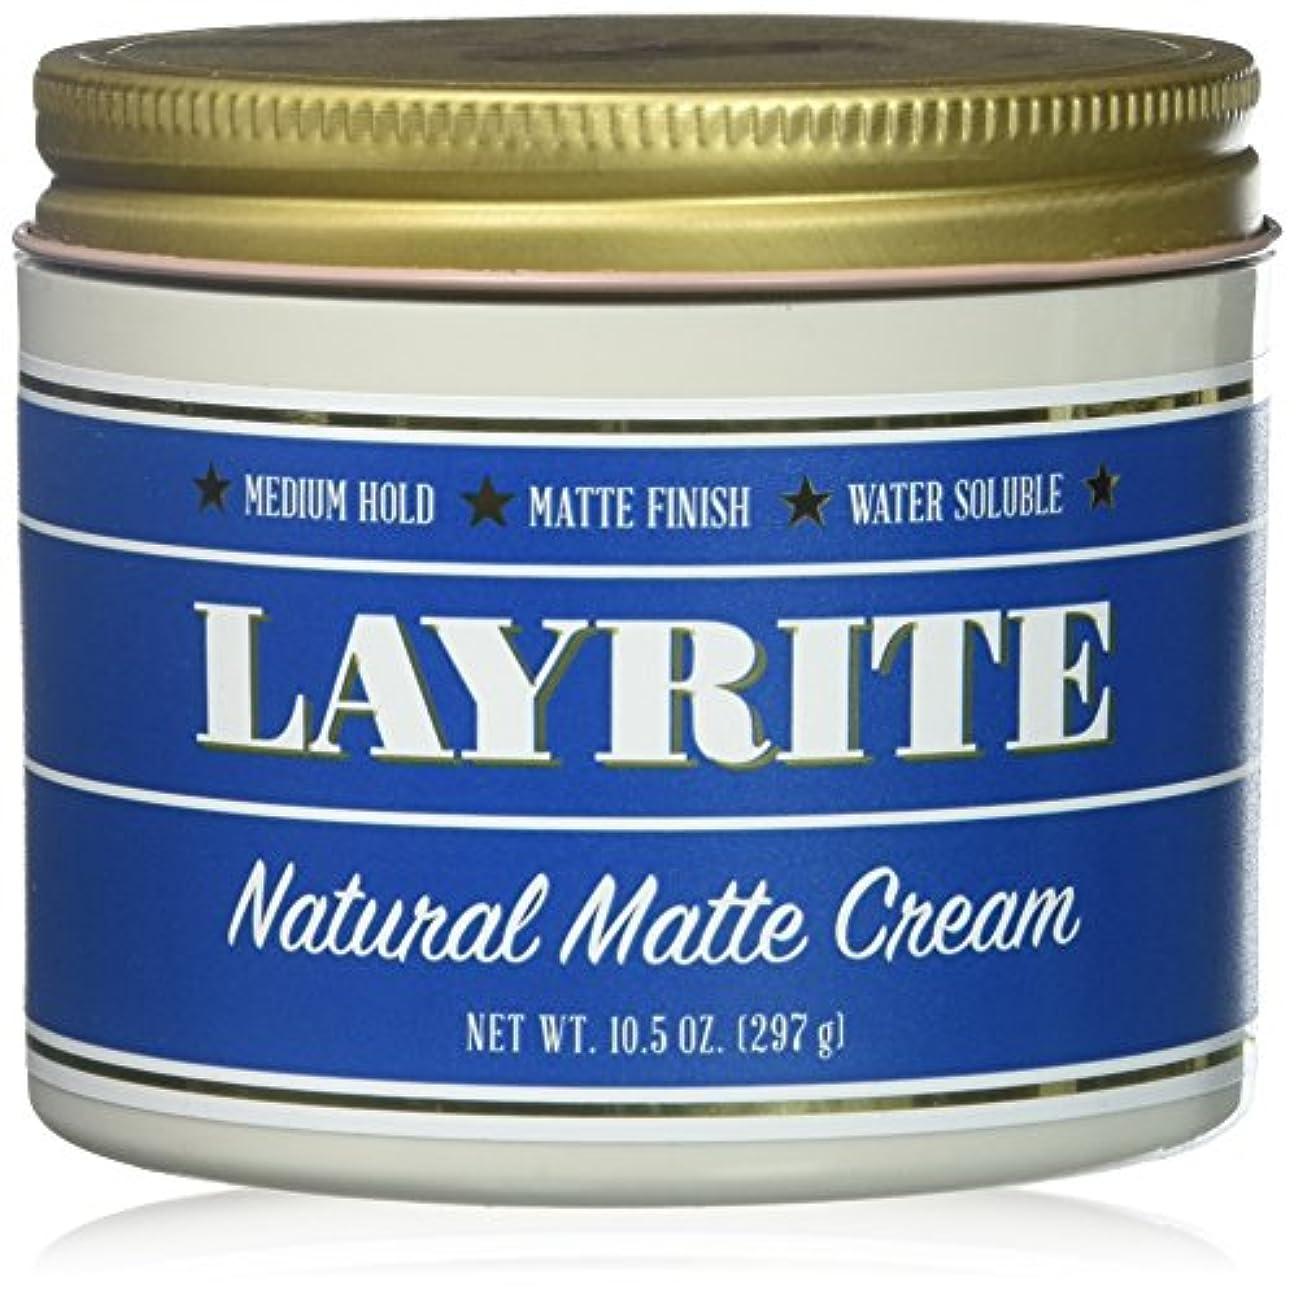 討論悪魔仮定、想定。推測Layrite Natural Matte Cream (Medium Hold, Matte Finish, Water Soluble) 297g/10.5oz並行輸入品